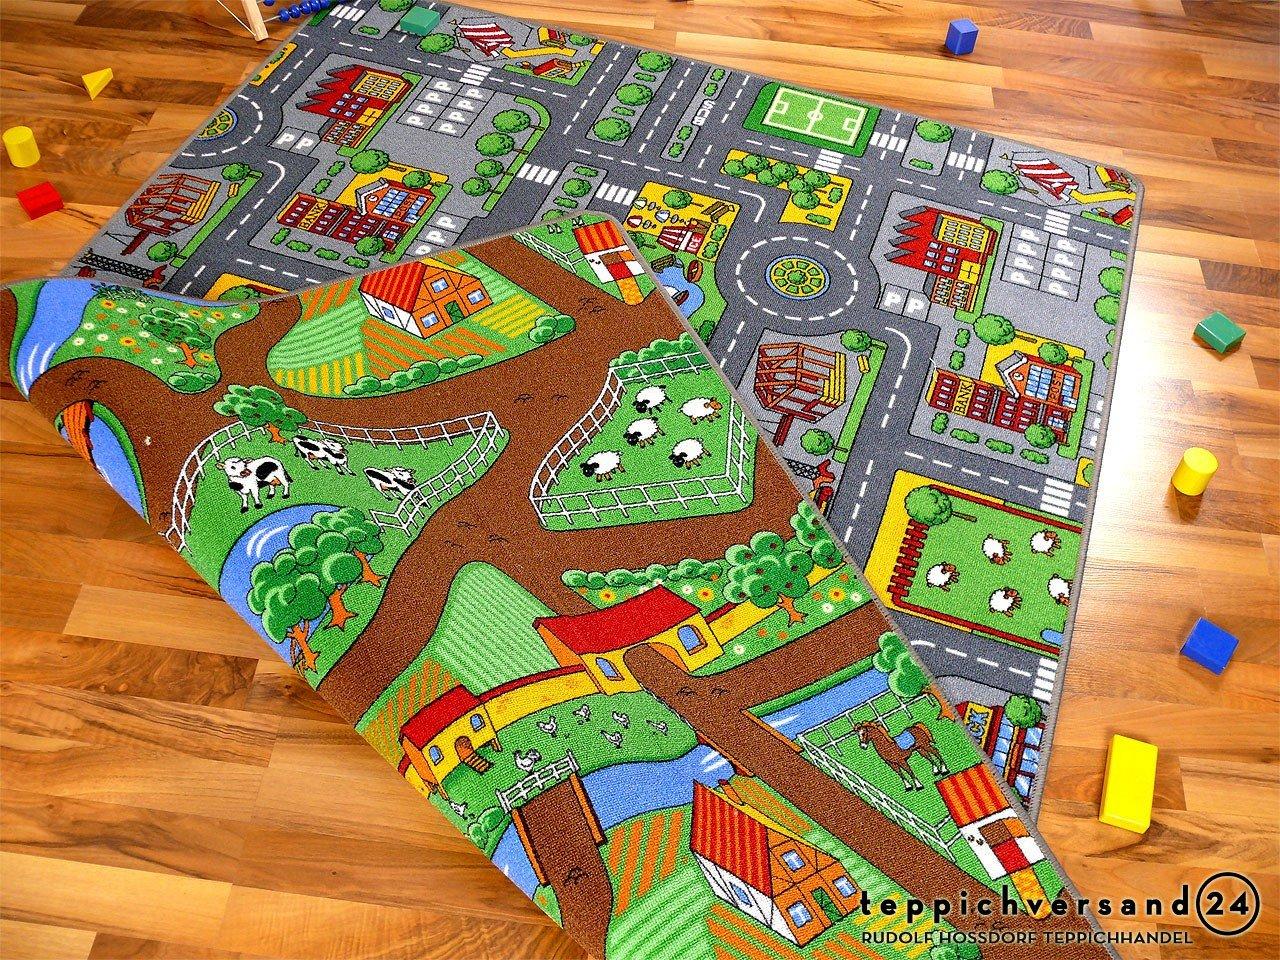 Lernen und Spielen Straßenteppich Beidseitig mit zwei Straßenlandschaften in 4 Größen ab EUR 39,90, Größe 160x240 cm